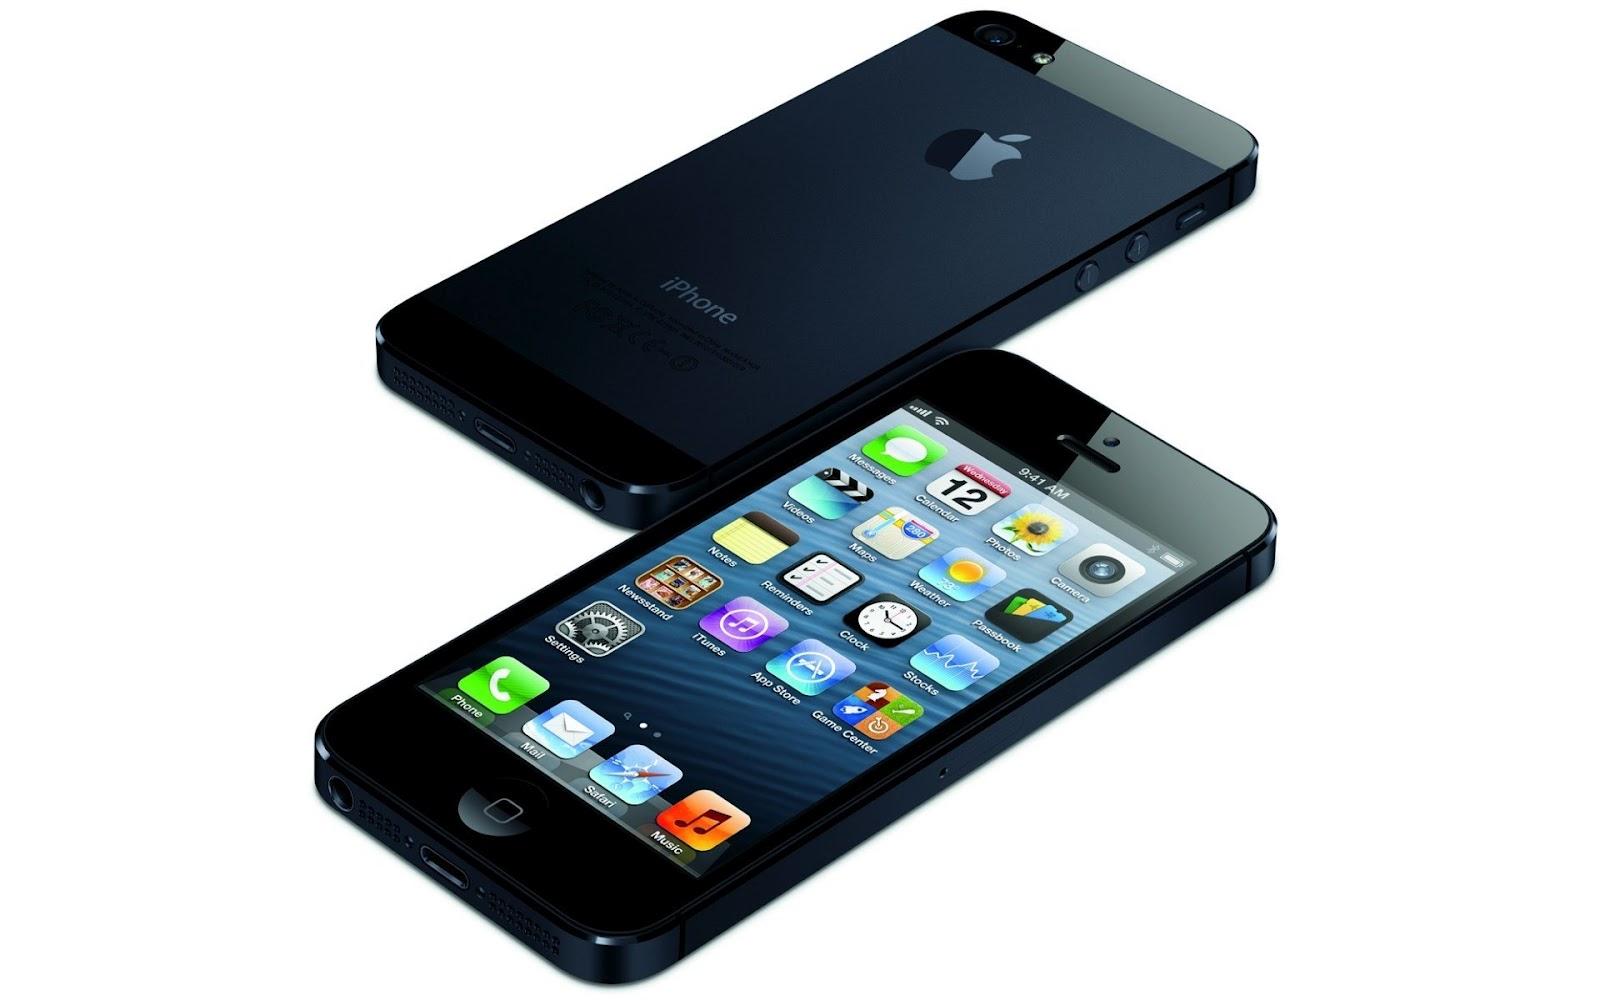 http://2.bp.blogspot.com/-gPcez4VcIjk/UFH44hPMsTI/AAAAAAAAGQU/j2GyIChllQM/s1600/iphone-5-official-1920x1200.jpg